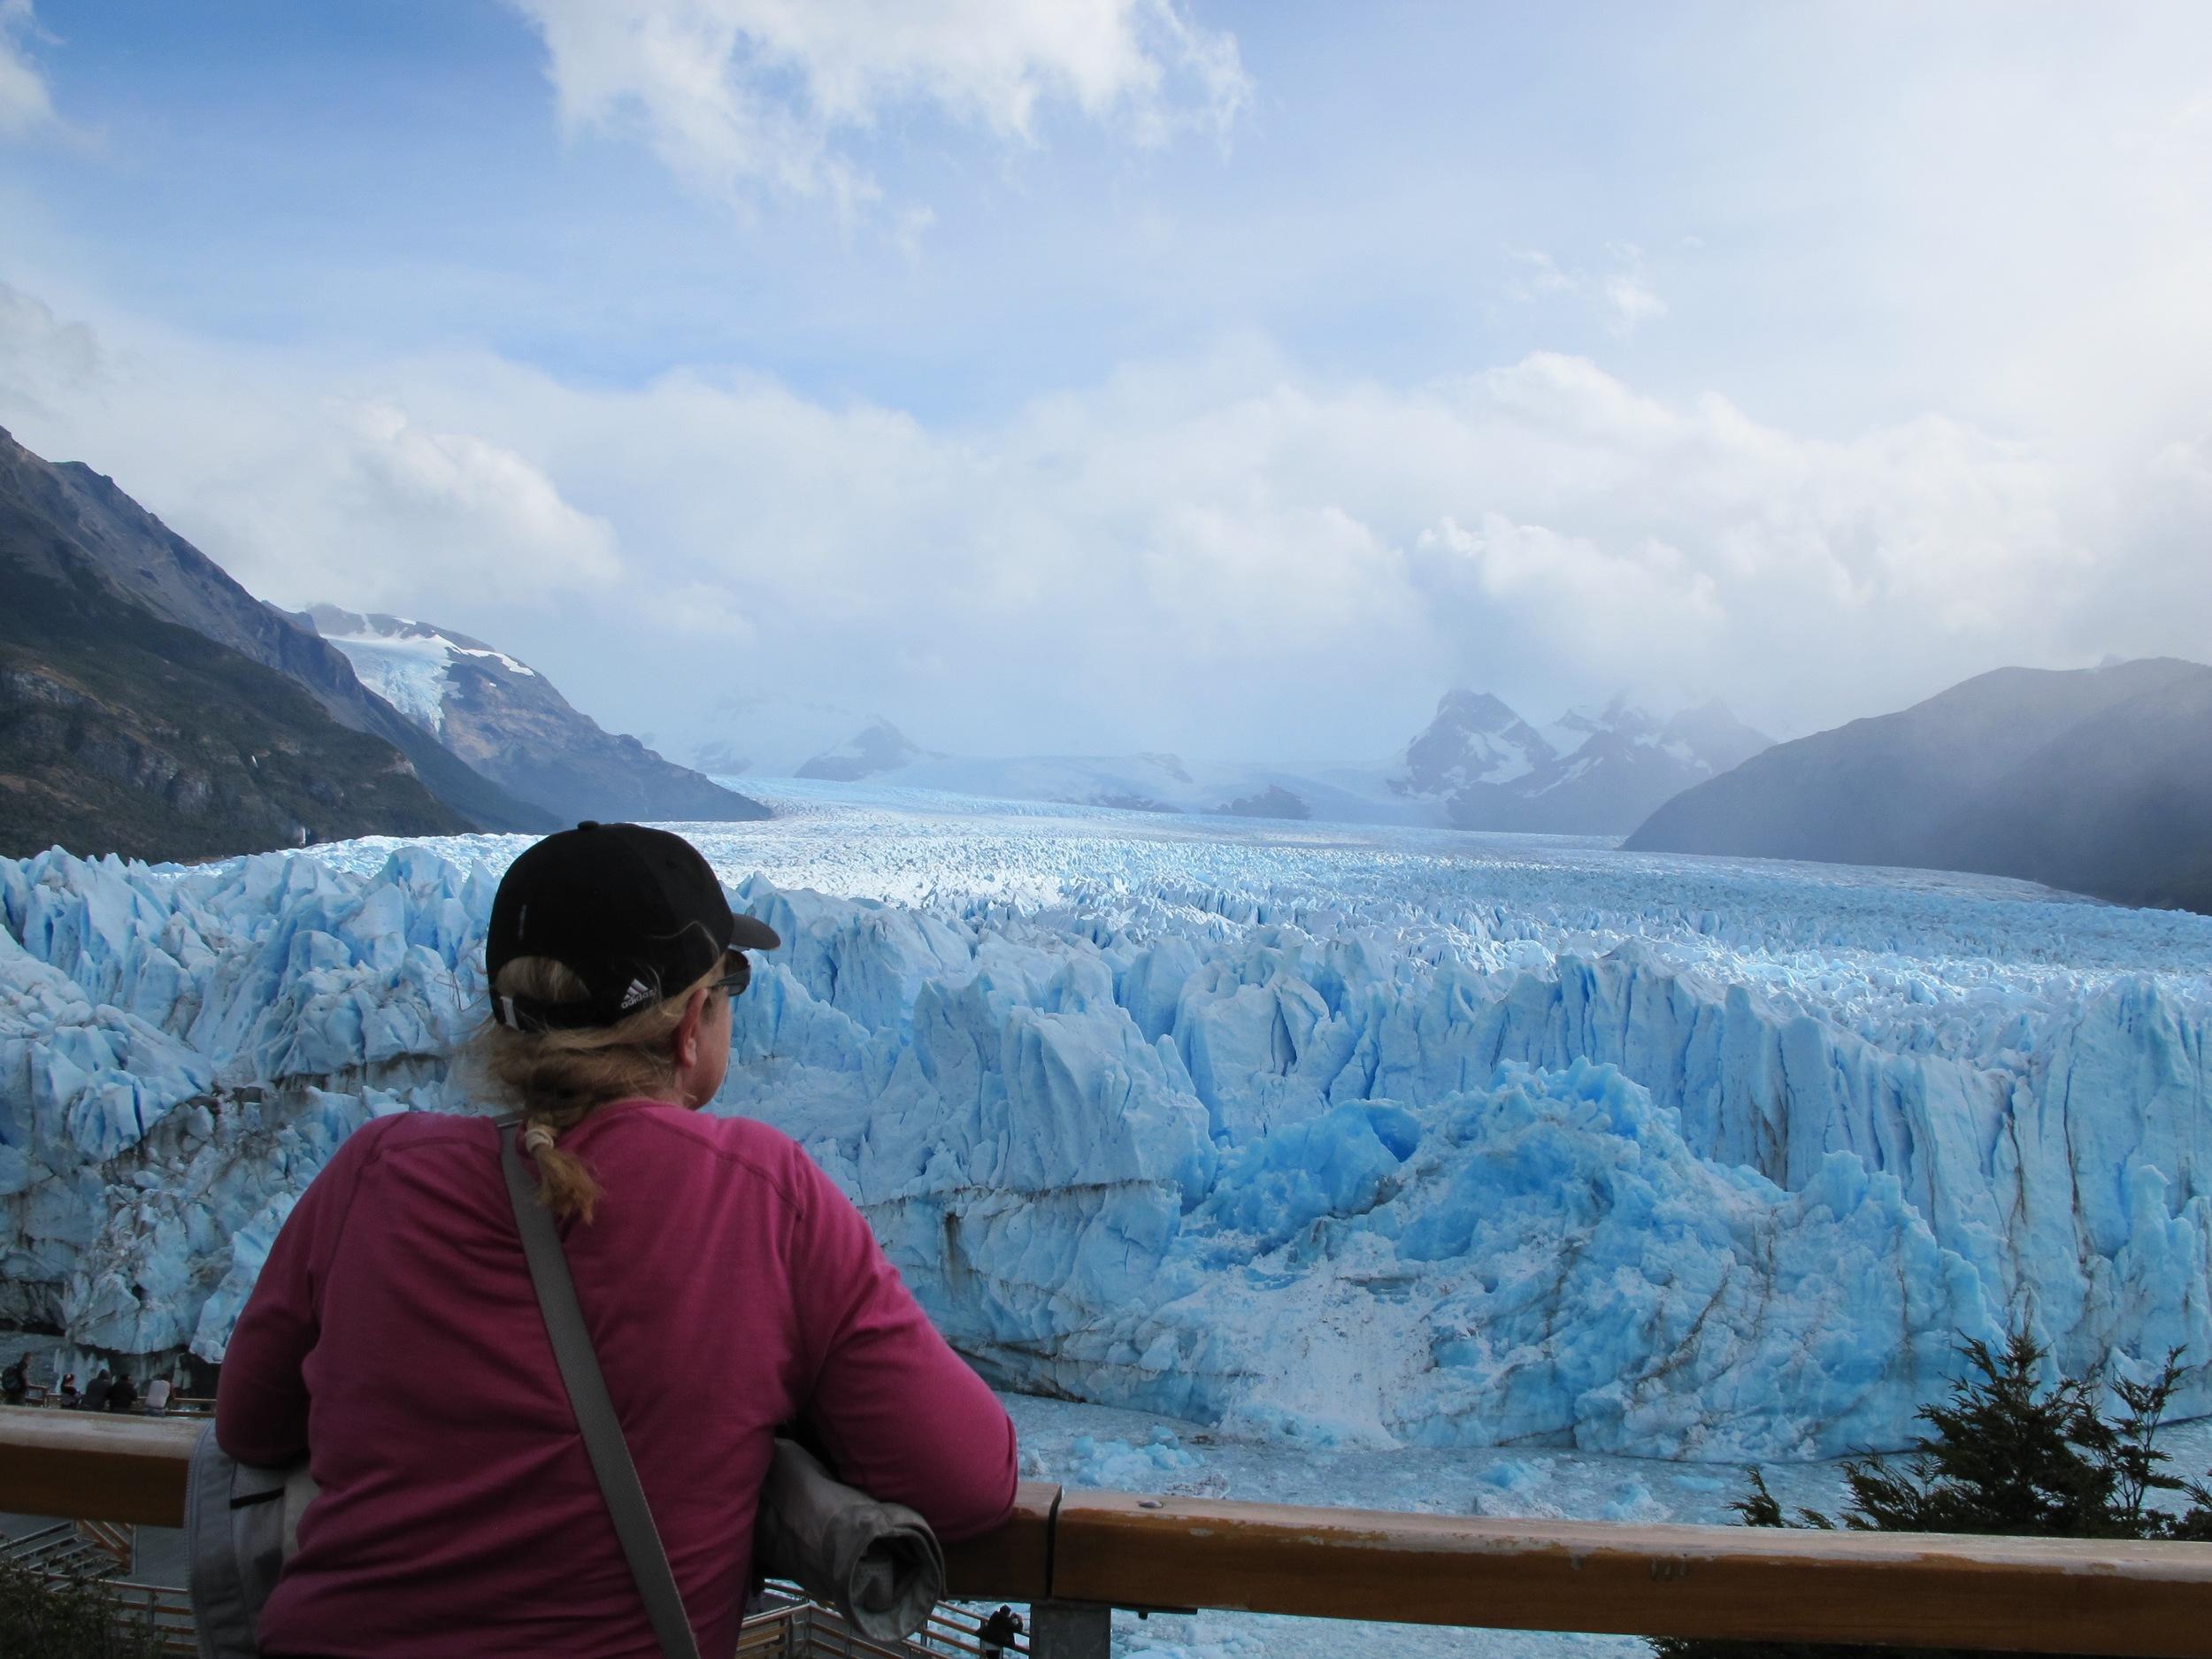 The Glacier face, Perito Moreno